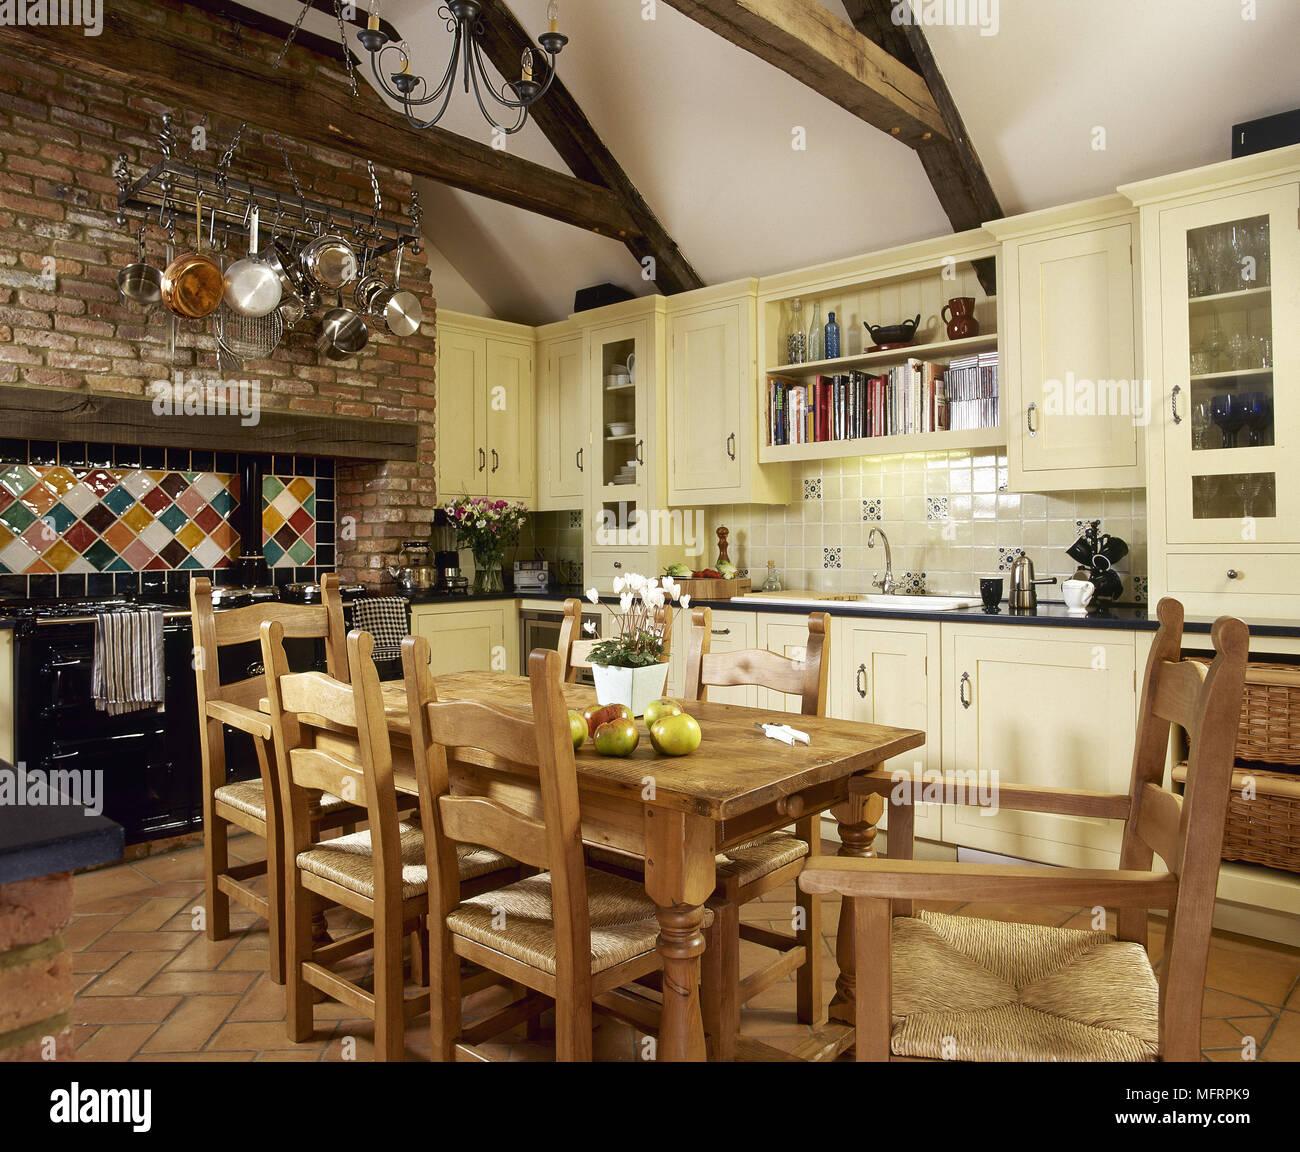 Küche Im Landhausstil Mit Pinien Esstisch Und Stühle, Stockbild